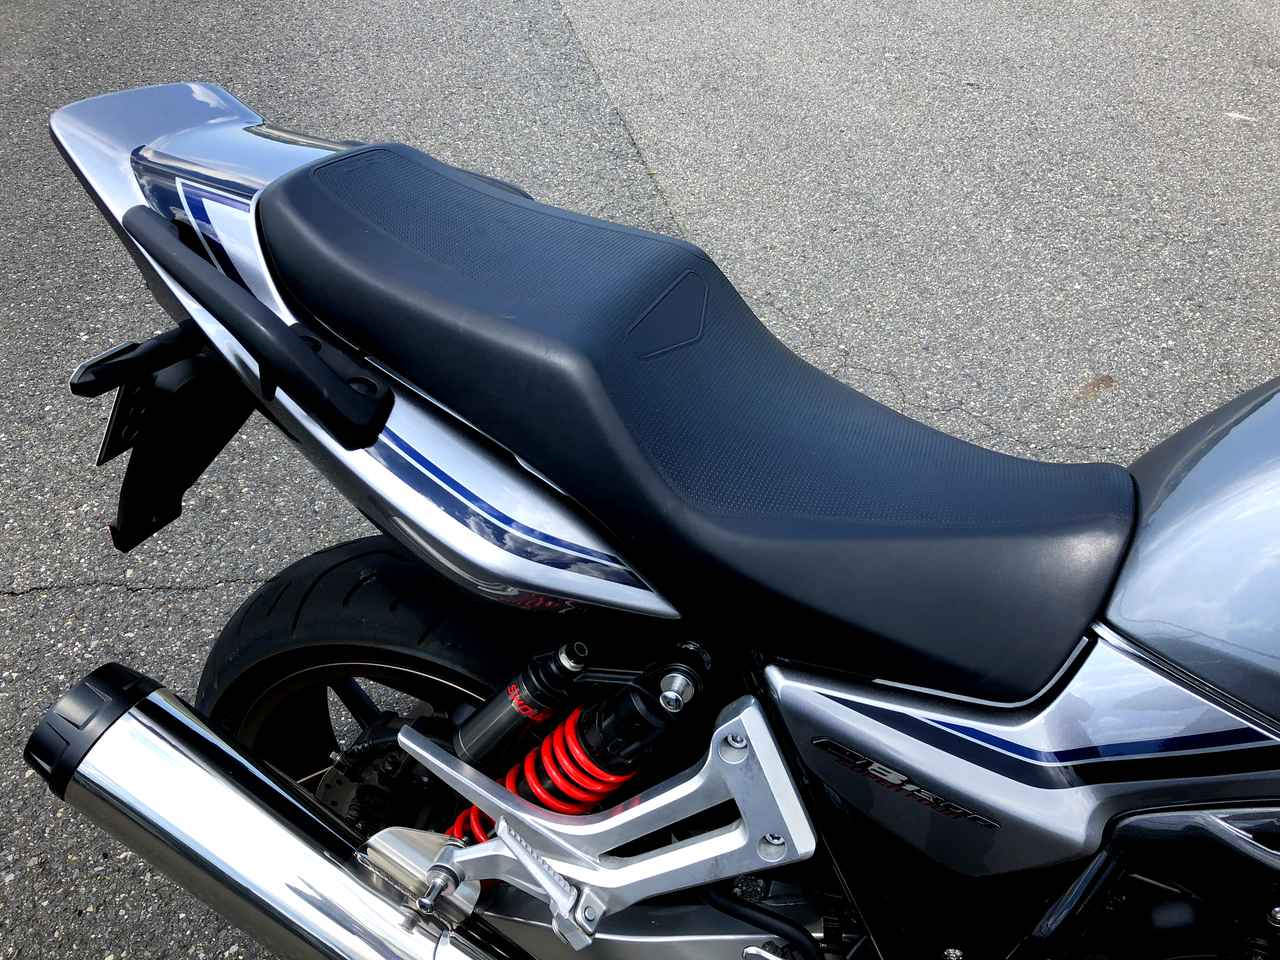 画像4: THE「デカいバイク」の決定版